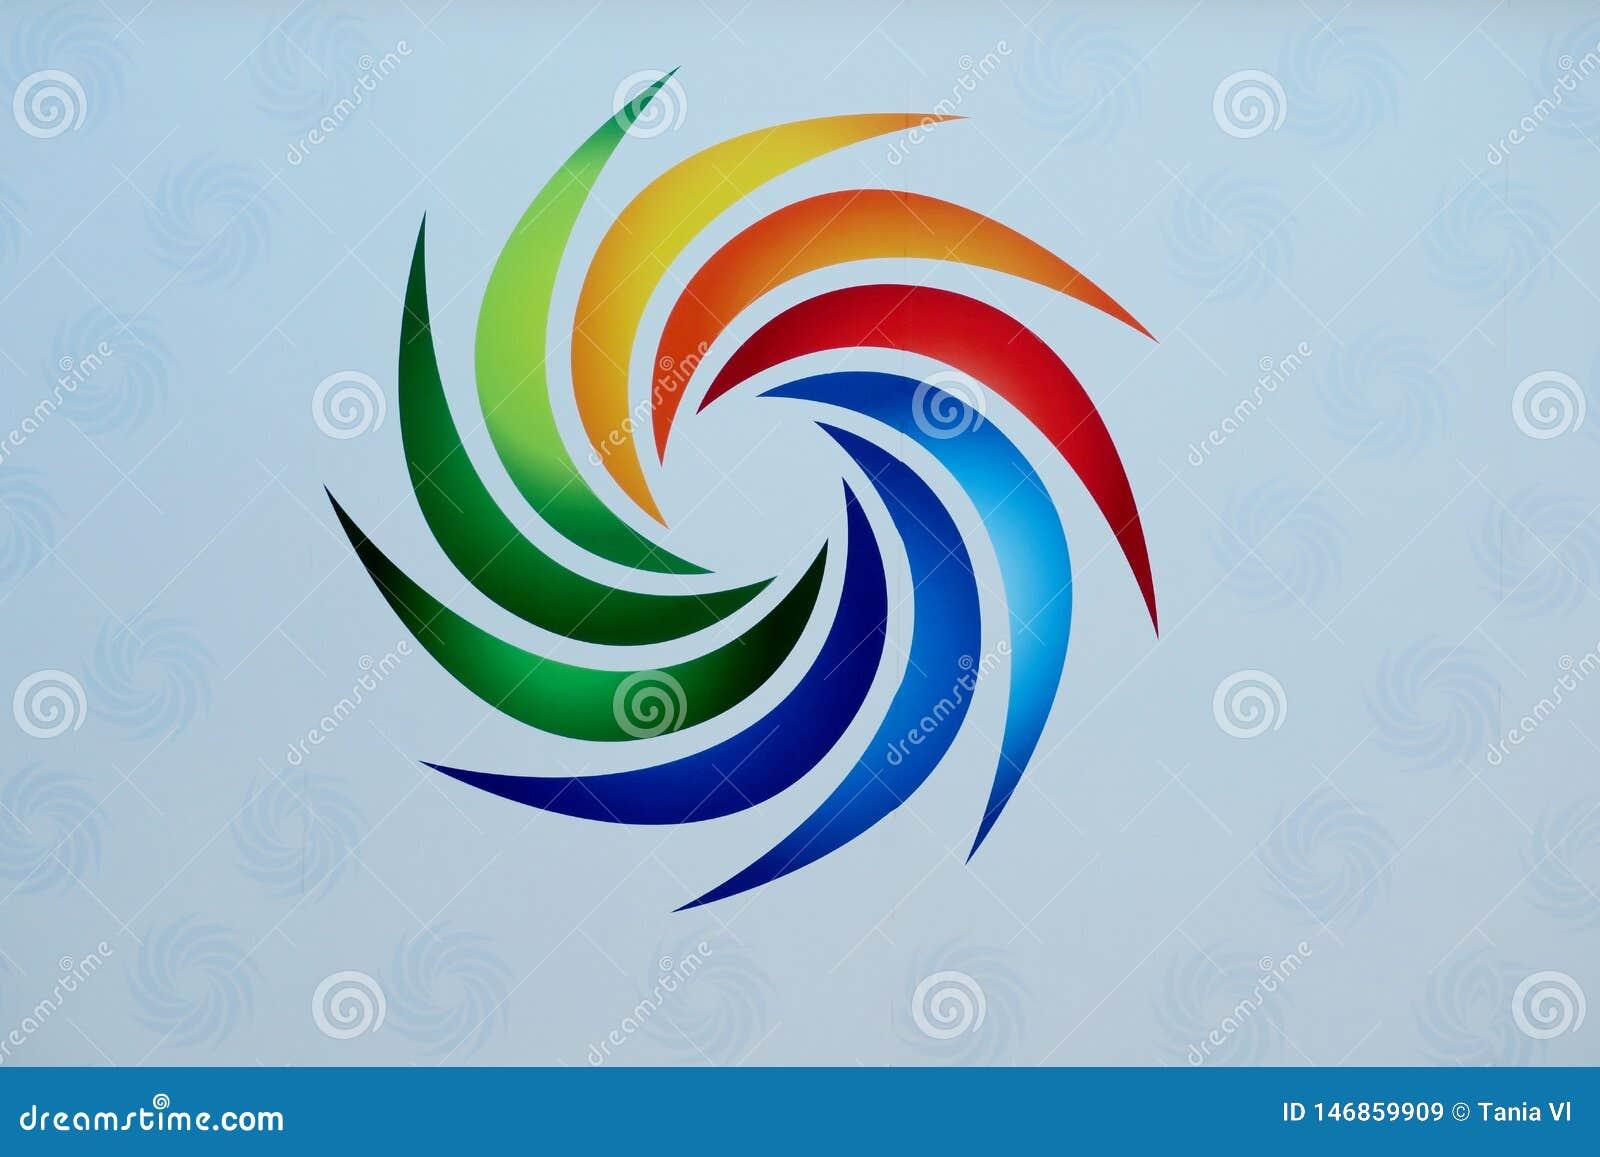 Härligt tecken av olika ljusa färger på en vit bakgrund